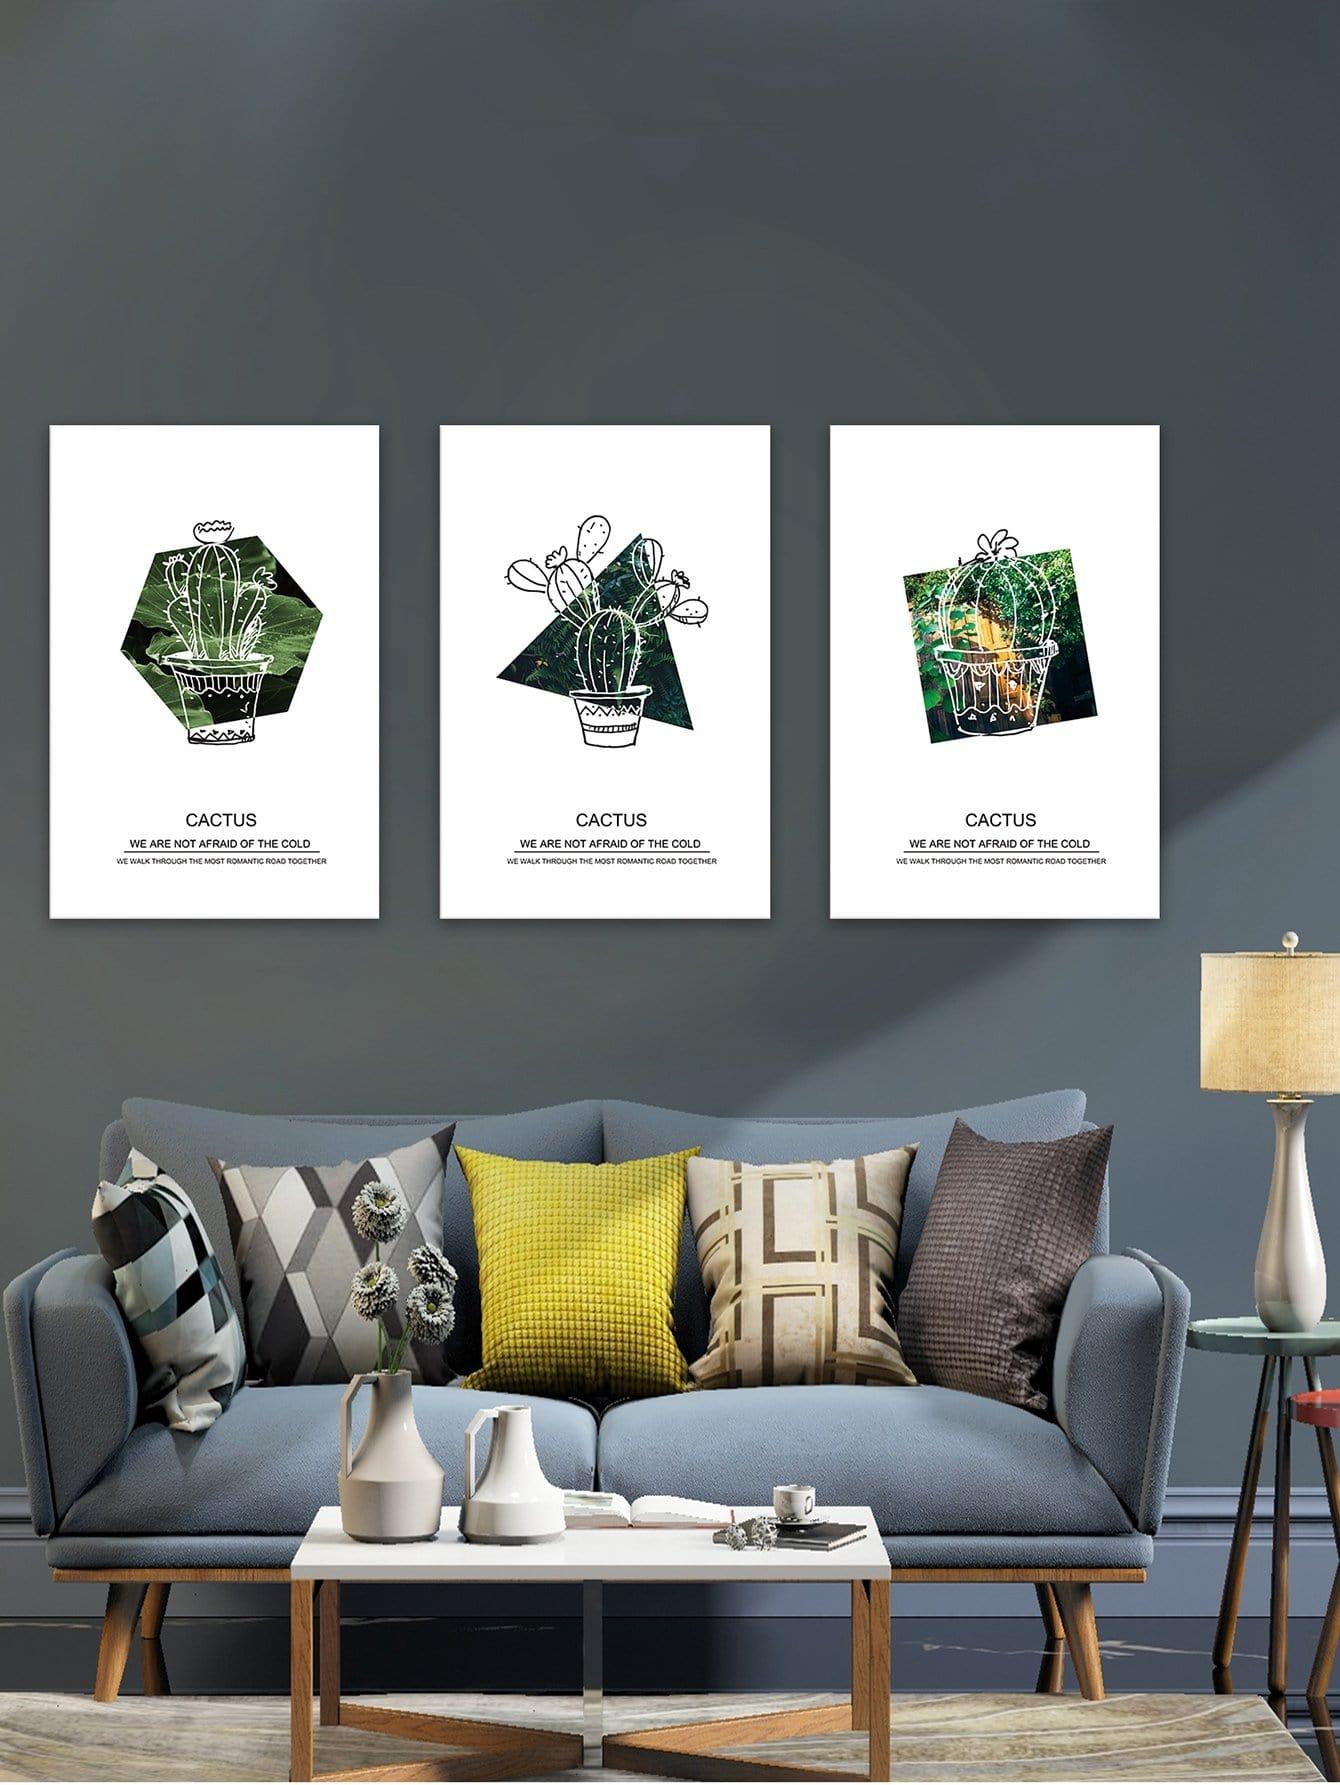 Купить Настенная фотография с рисунками кактусов и буквы 3 шт, null, SheIn